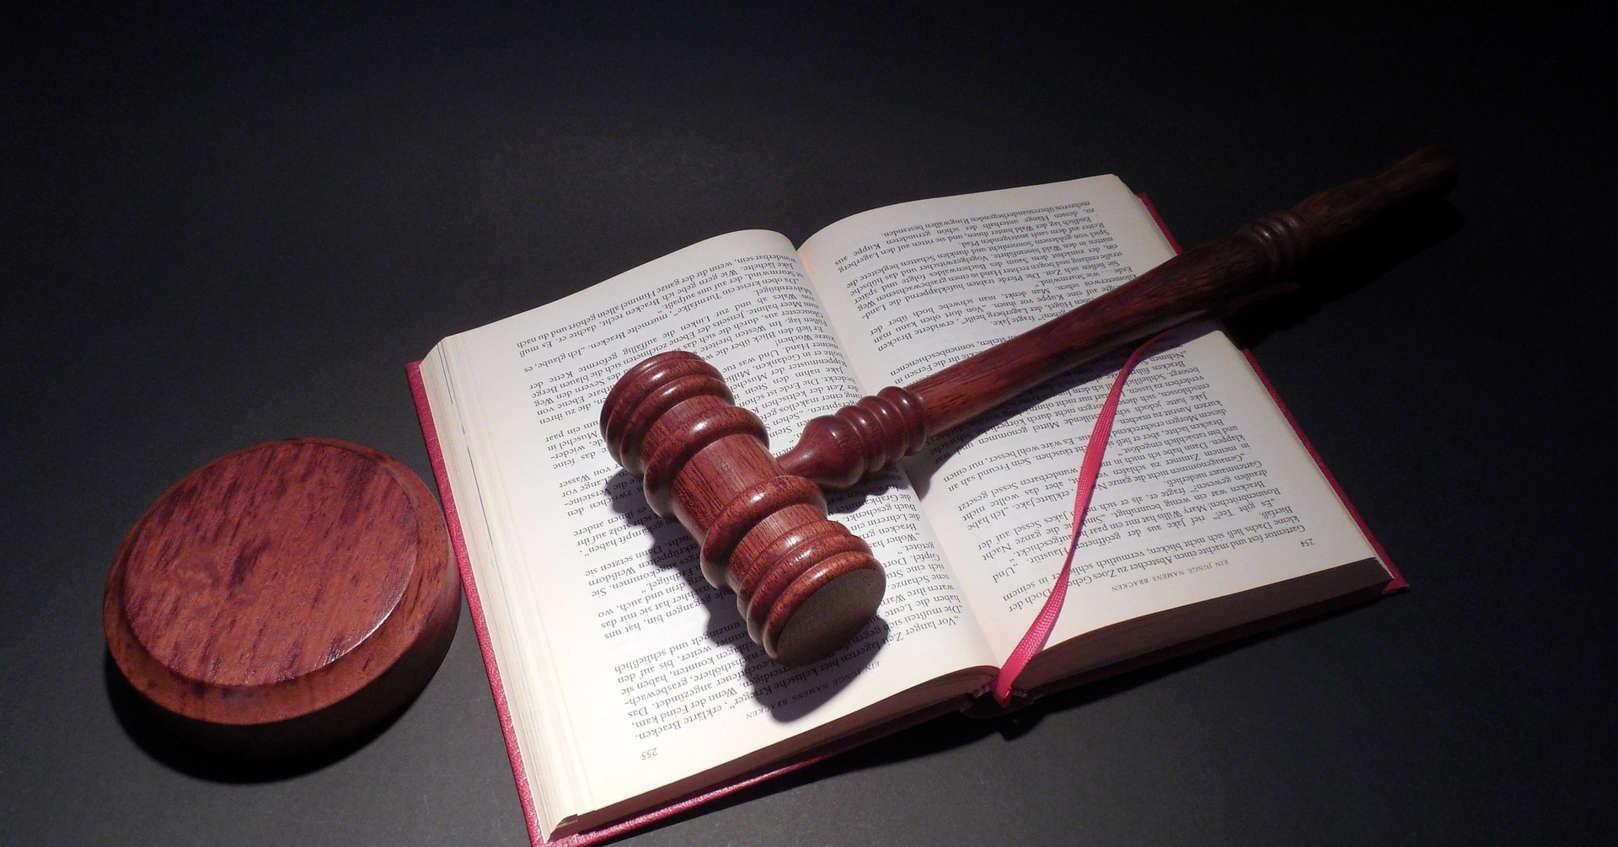 Nunes VS Rushton Copyright Infringement Case is Finally Over